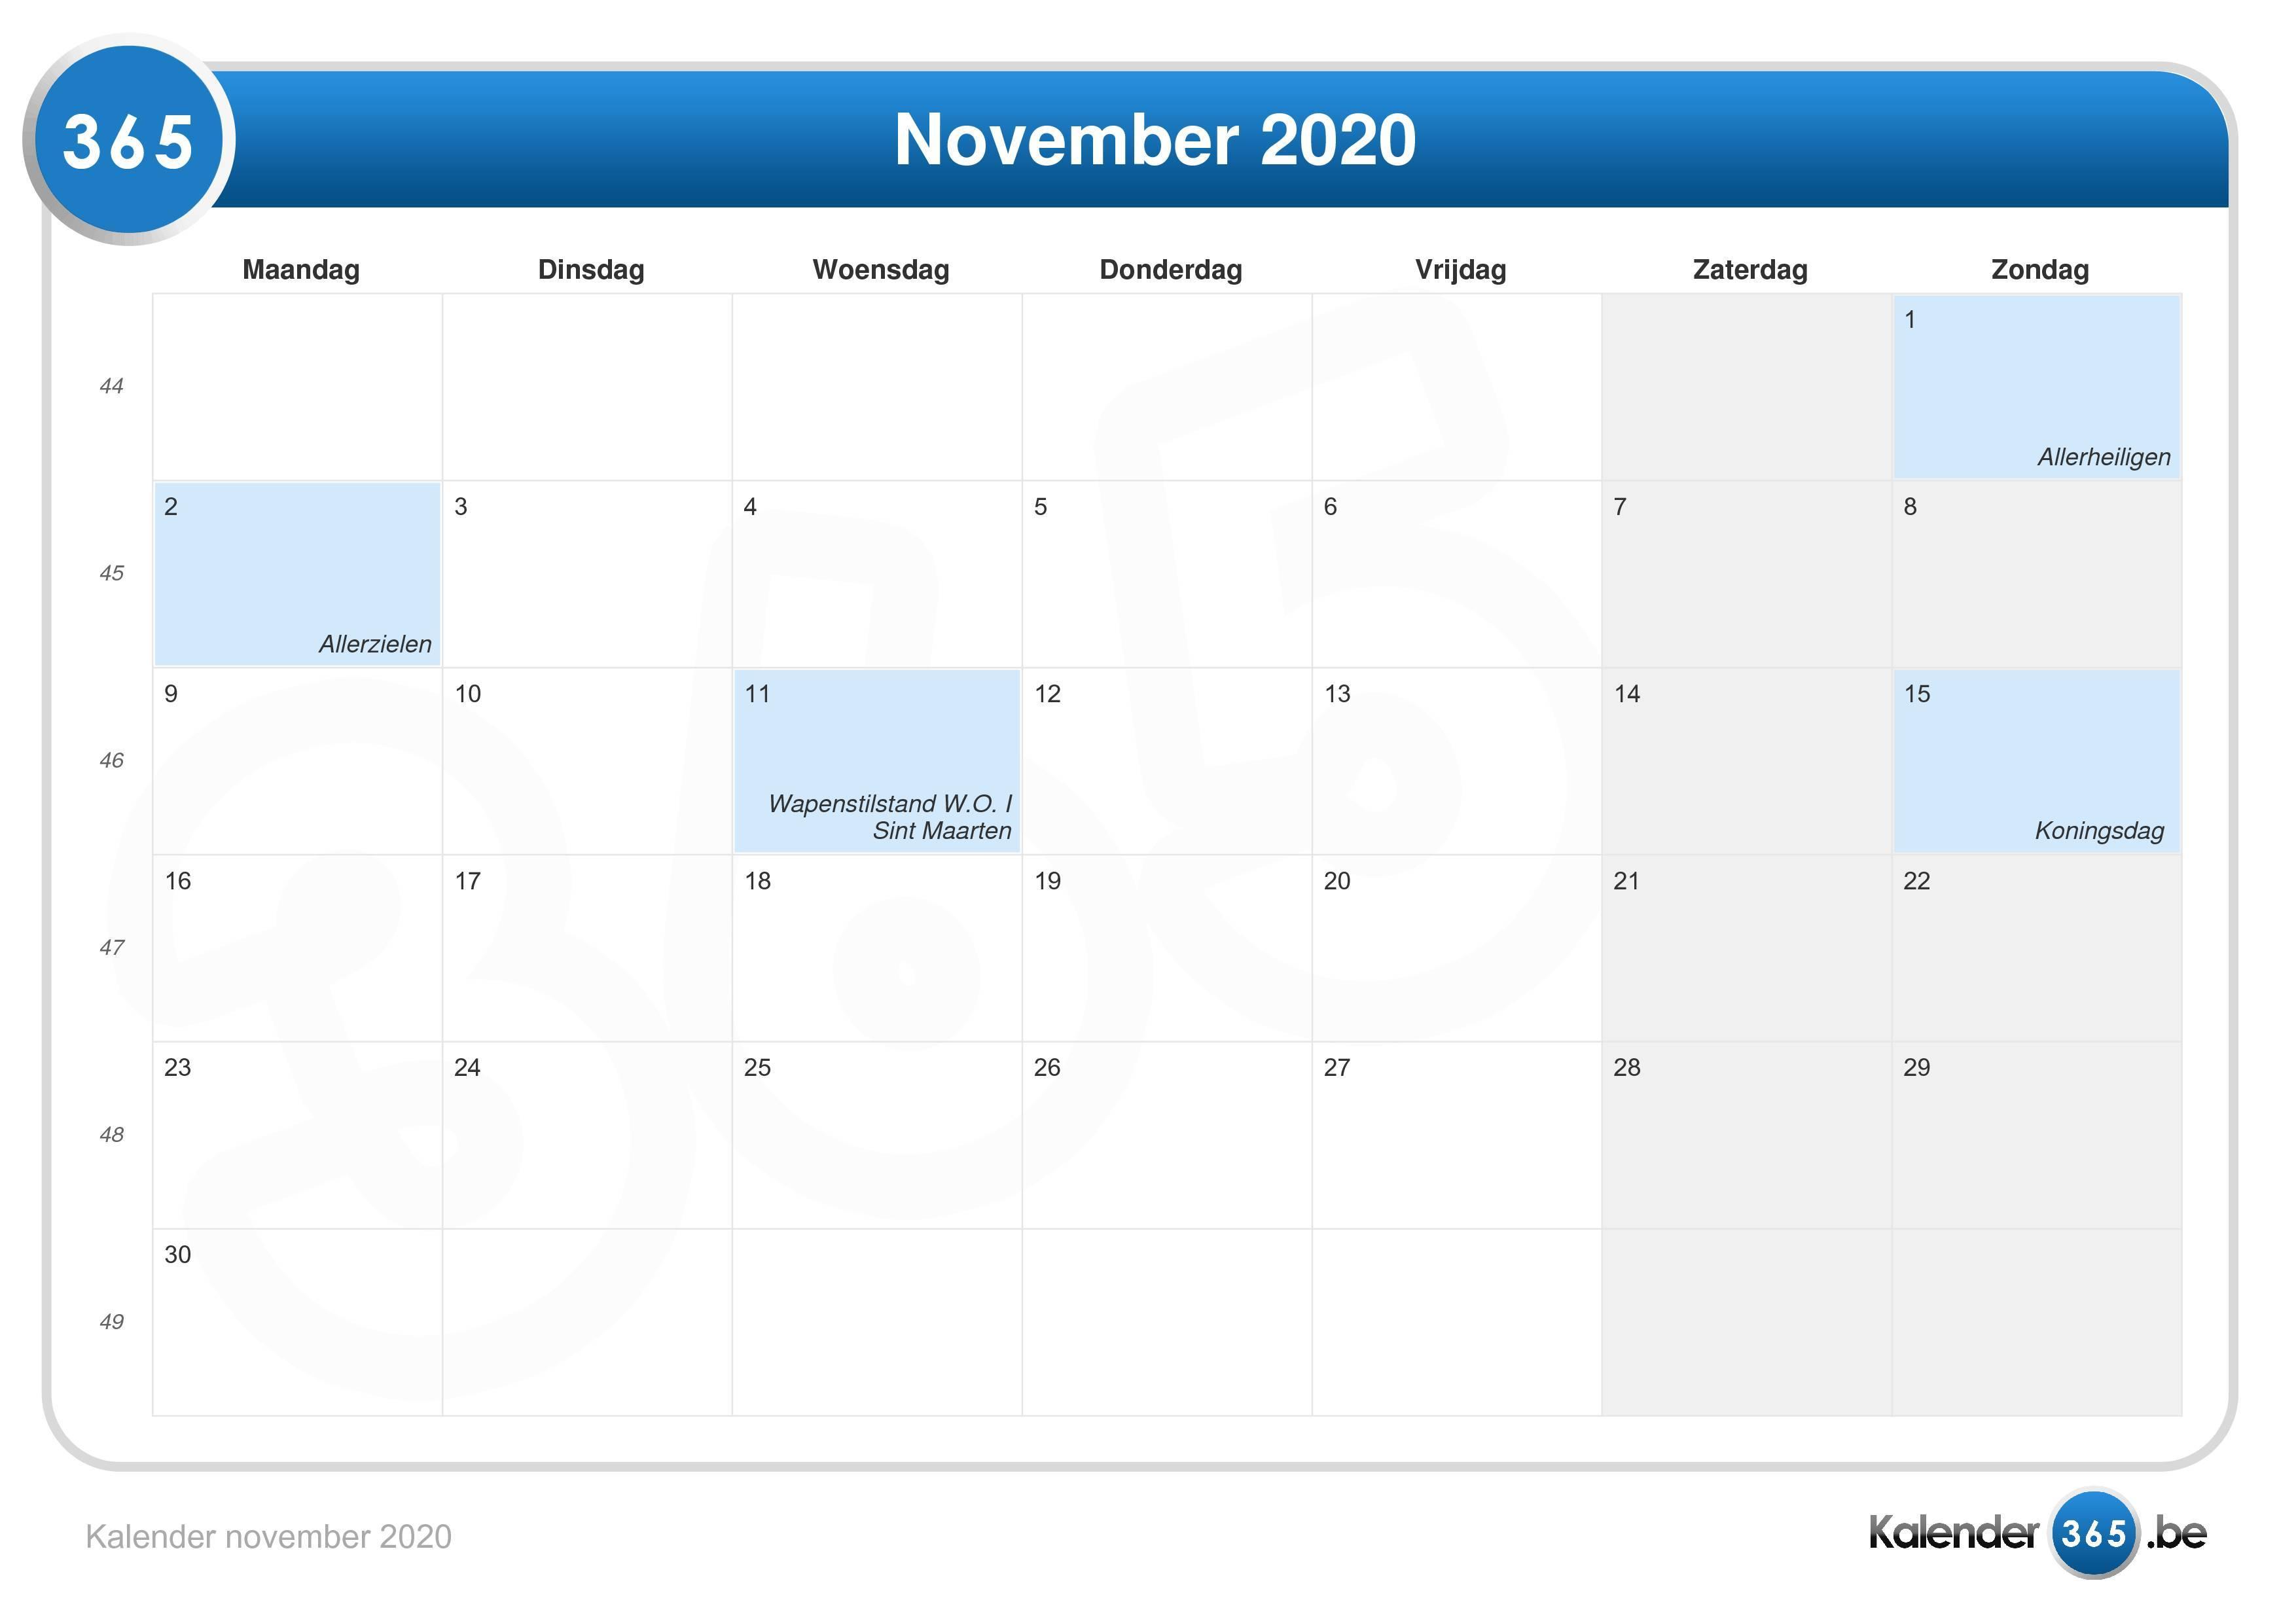 14 November 2020